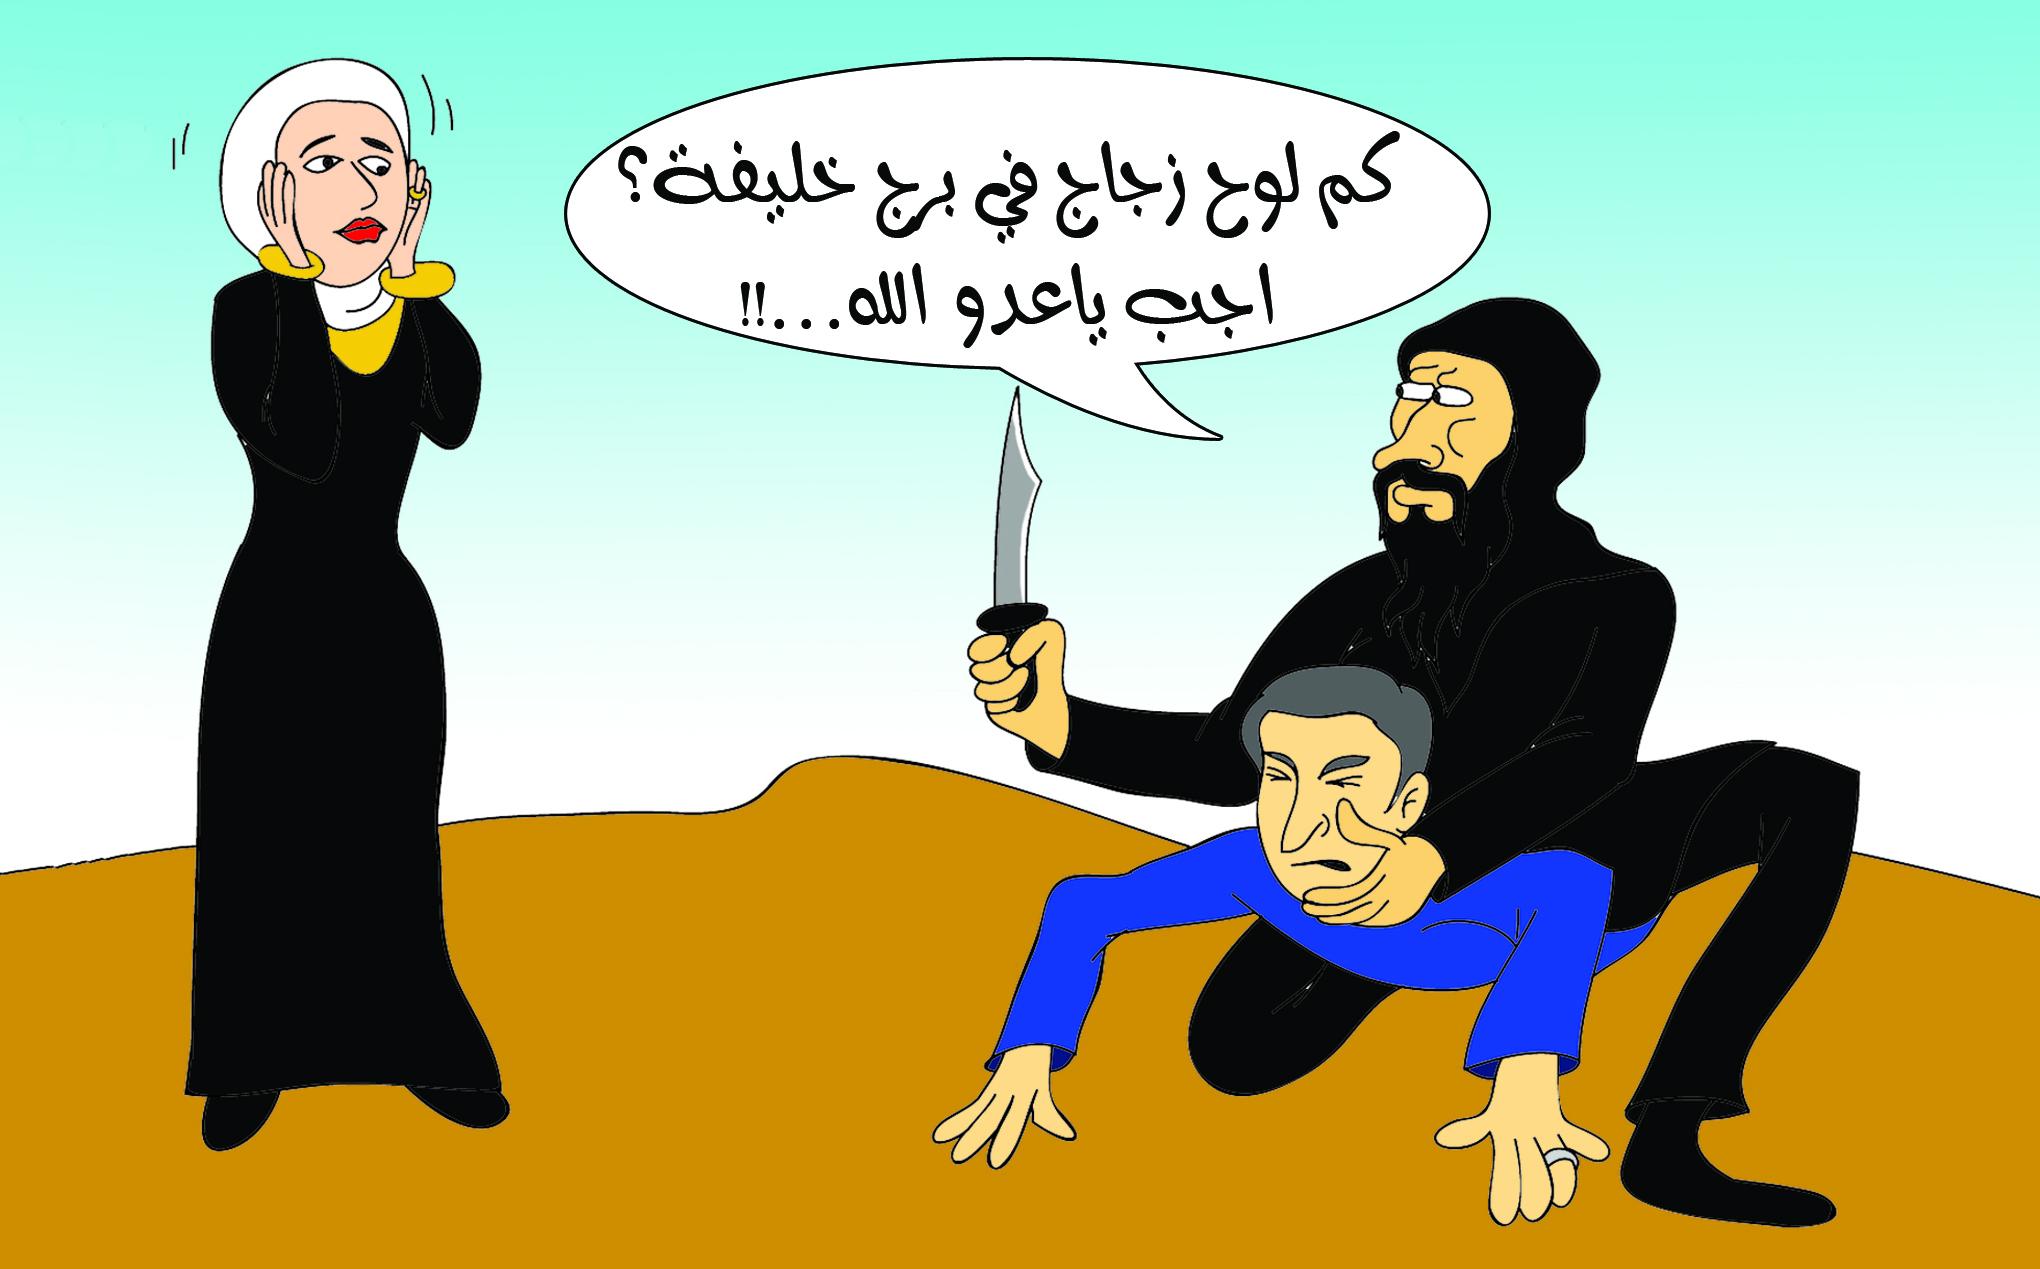 """الاحتطاب.. من خفايا تنظيم """"الدولة الإسلامية في العراق والشام"""" – رامي سويد"""